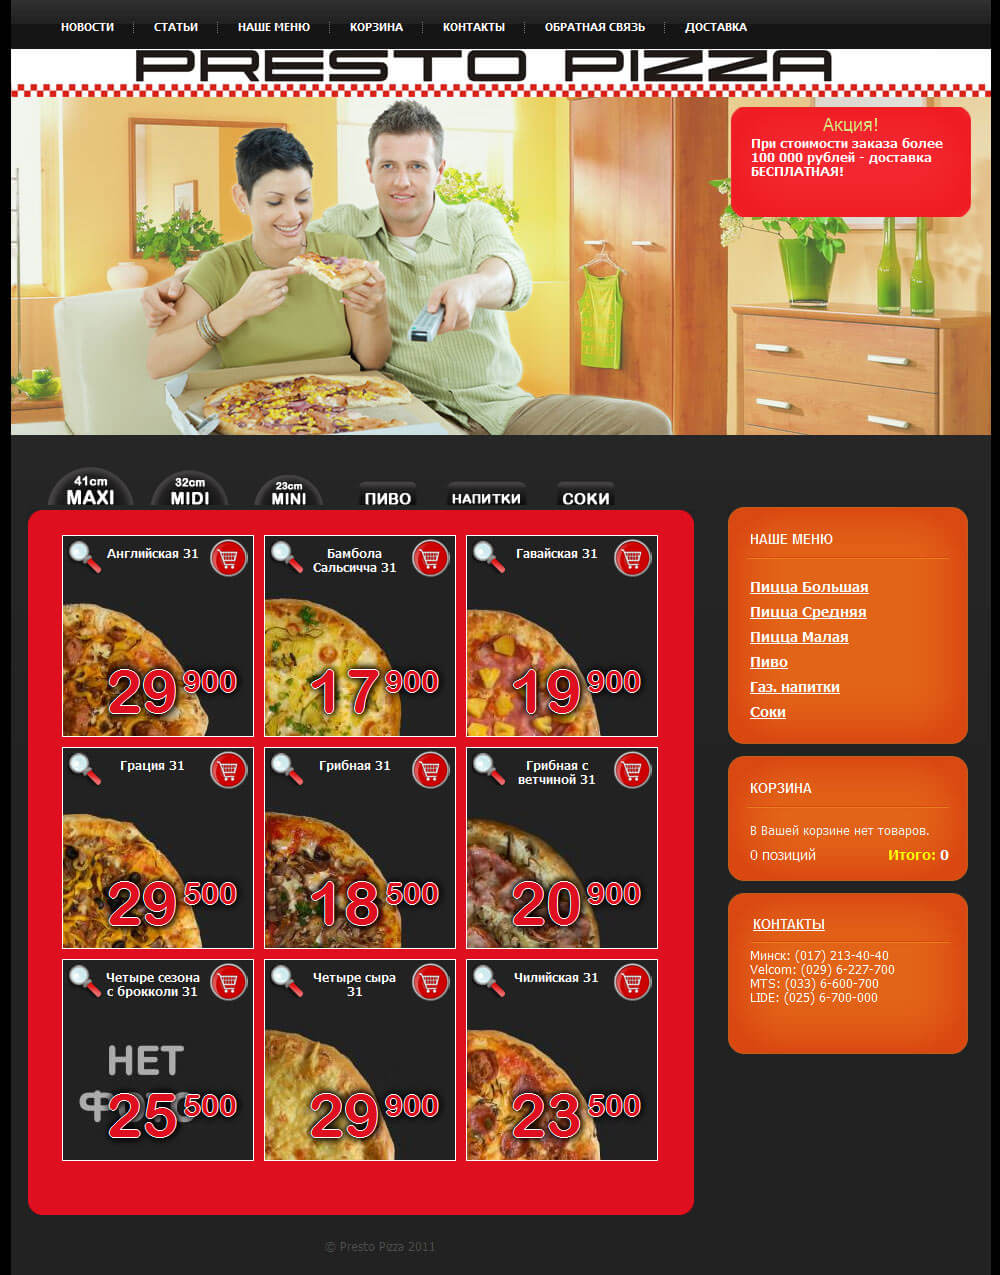 Интернет-магазин «PRESTO PIZZA». Главная страница.